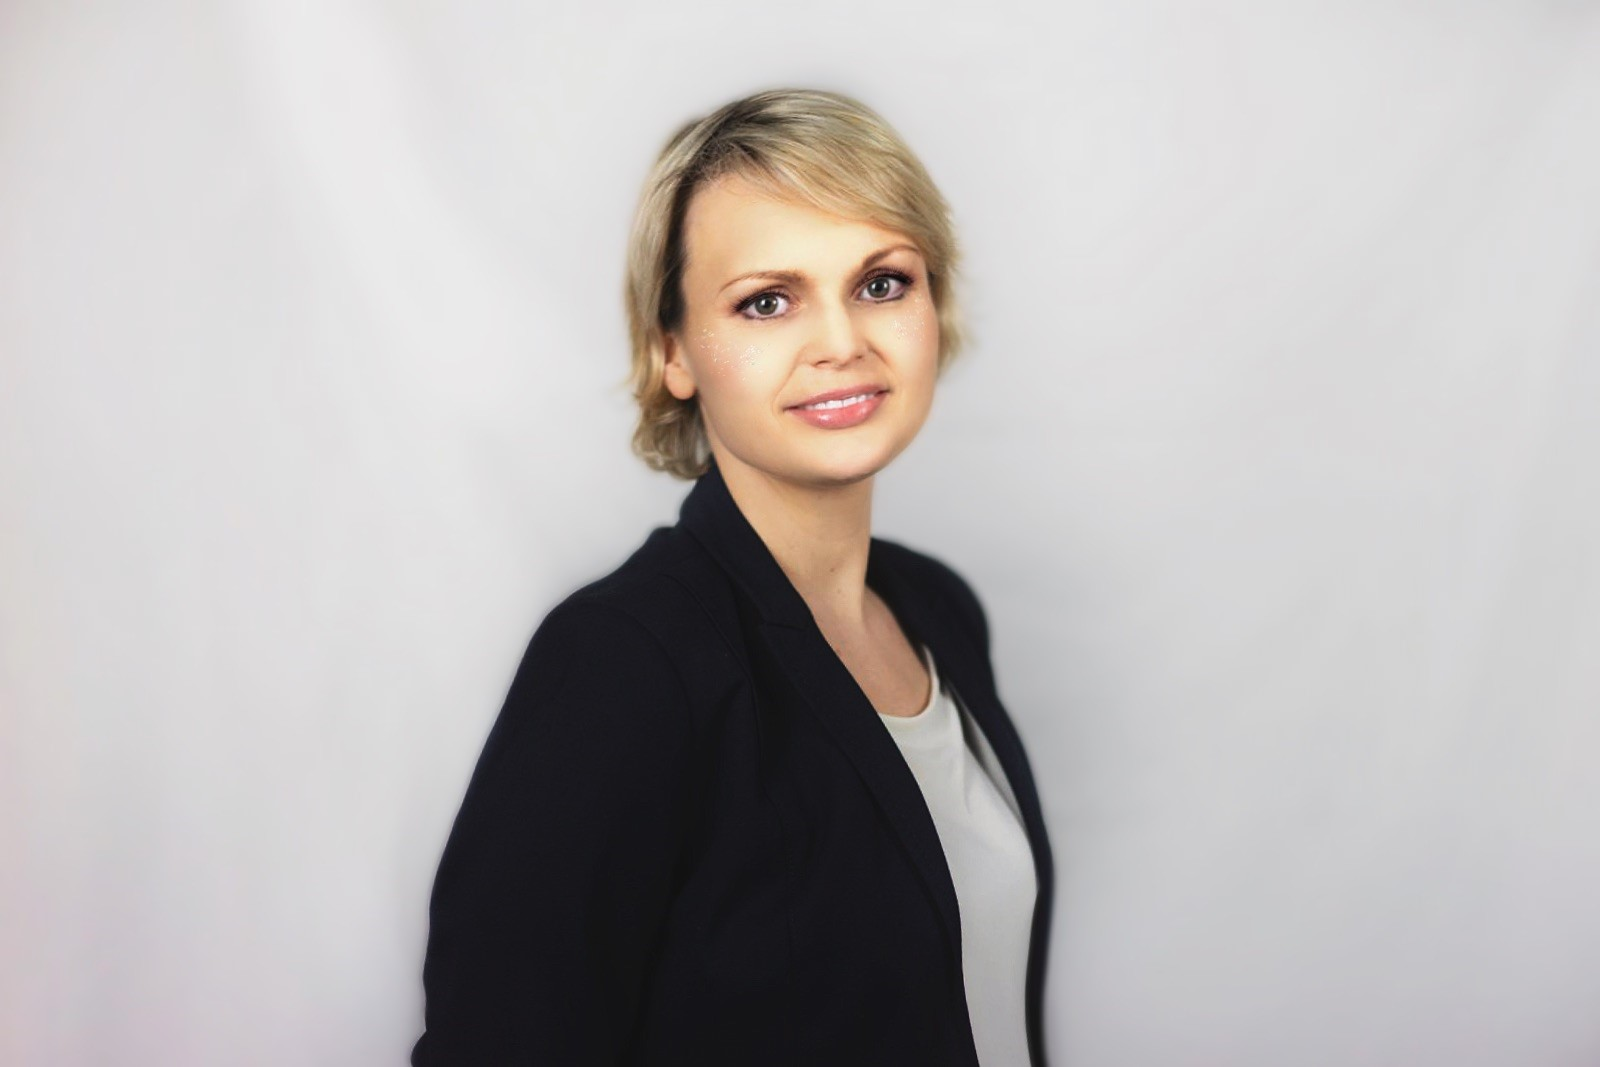 Nicole Koppe